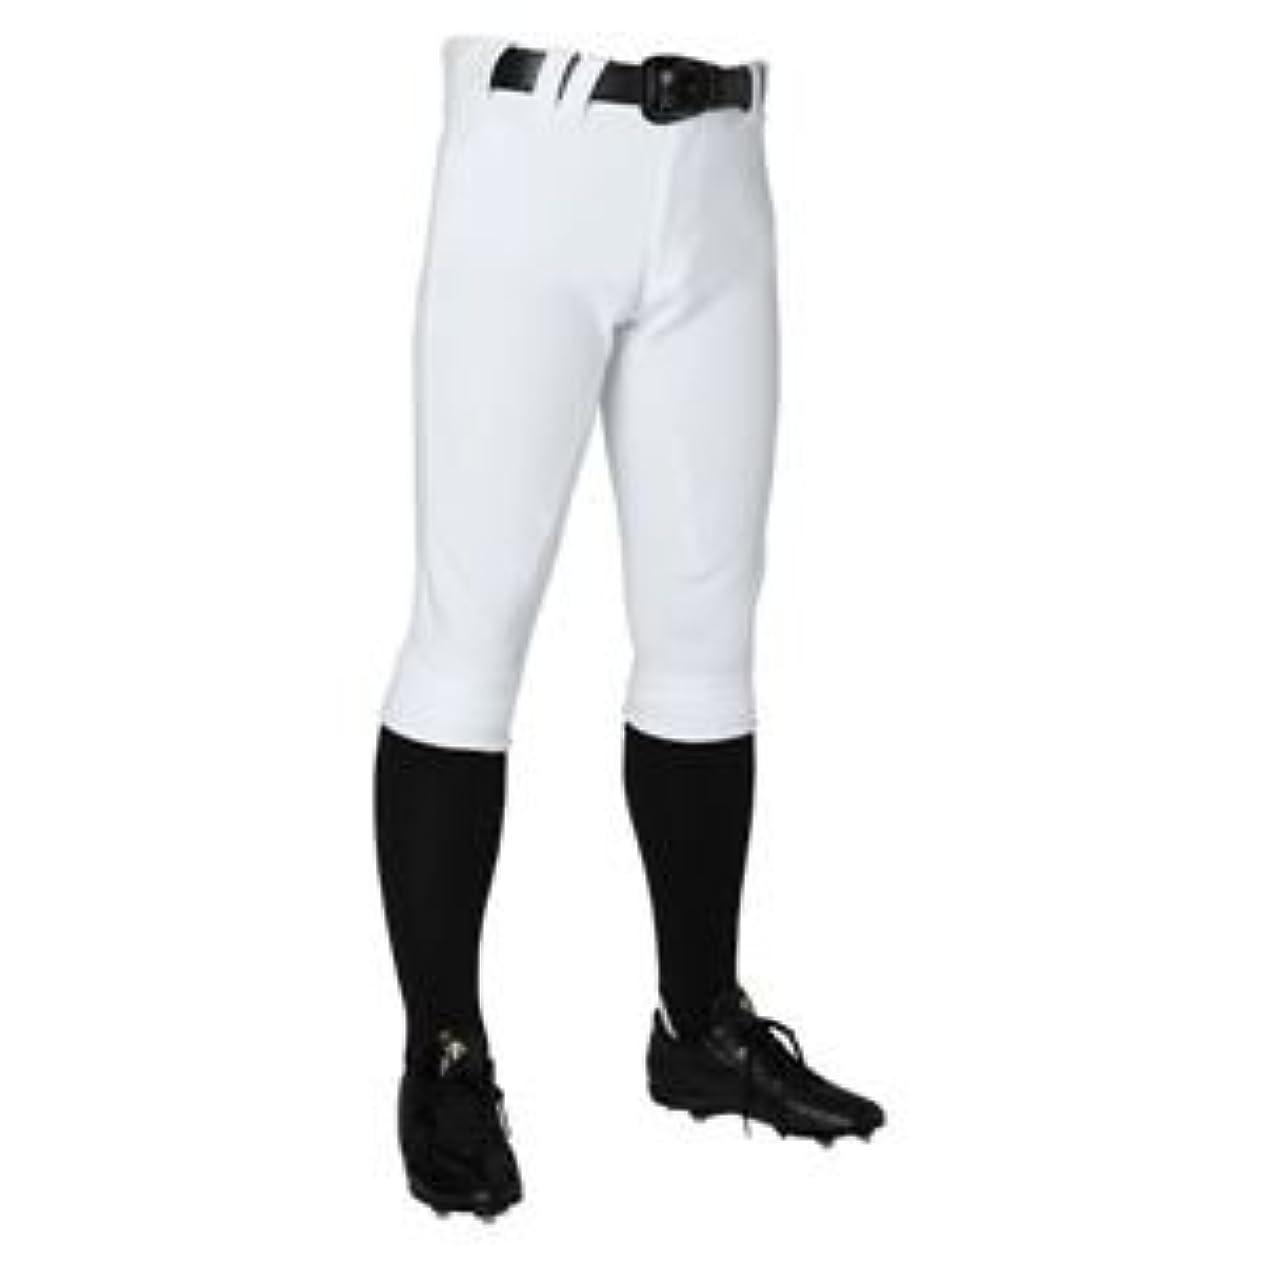 悲鳴裁定恥ずかしいデサント(DESCENTE) Sホワイト DB1114P (野球) ショートフィットパンツ ユニフィットパンツプラス